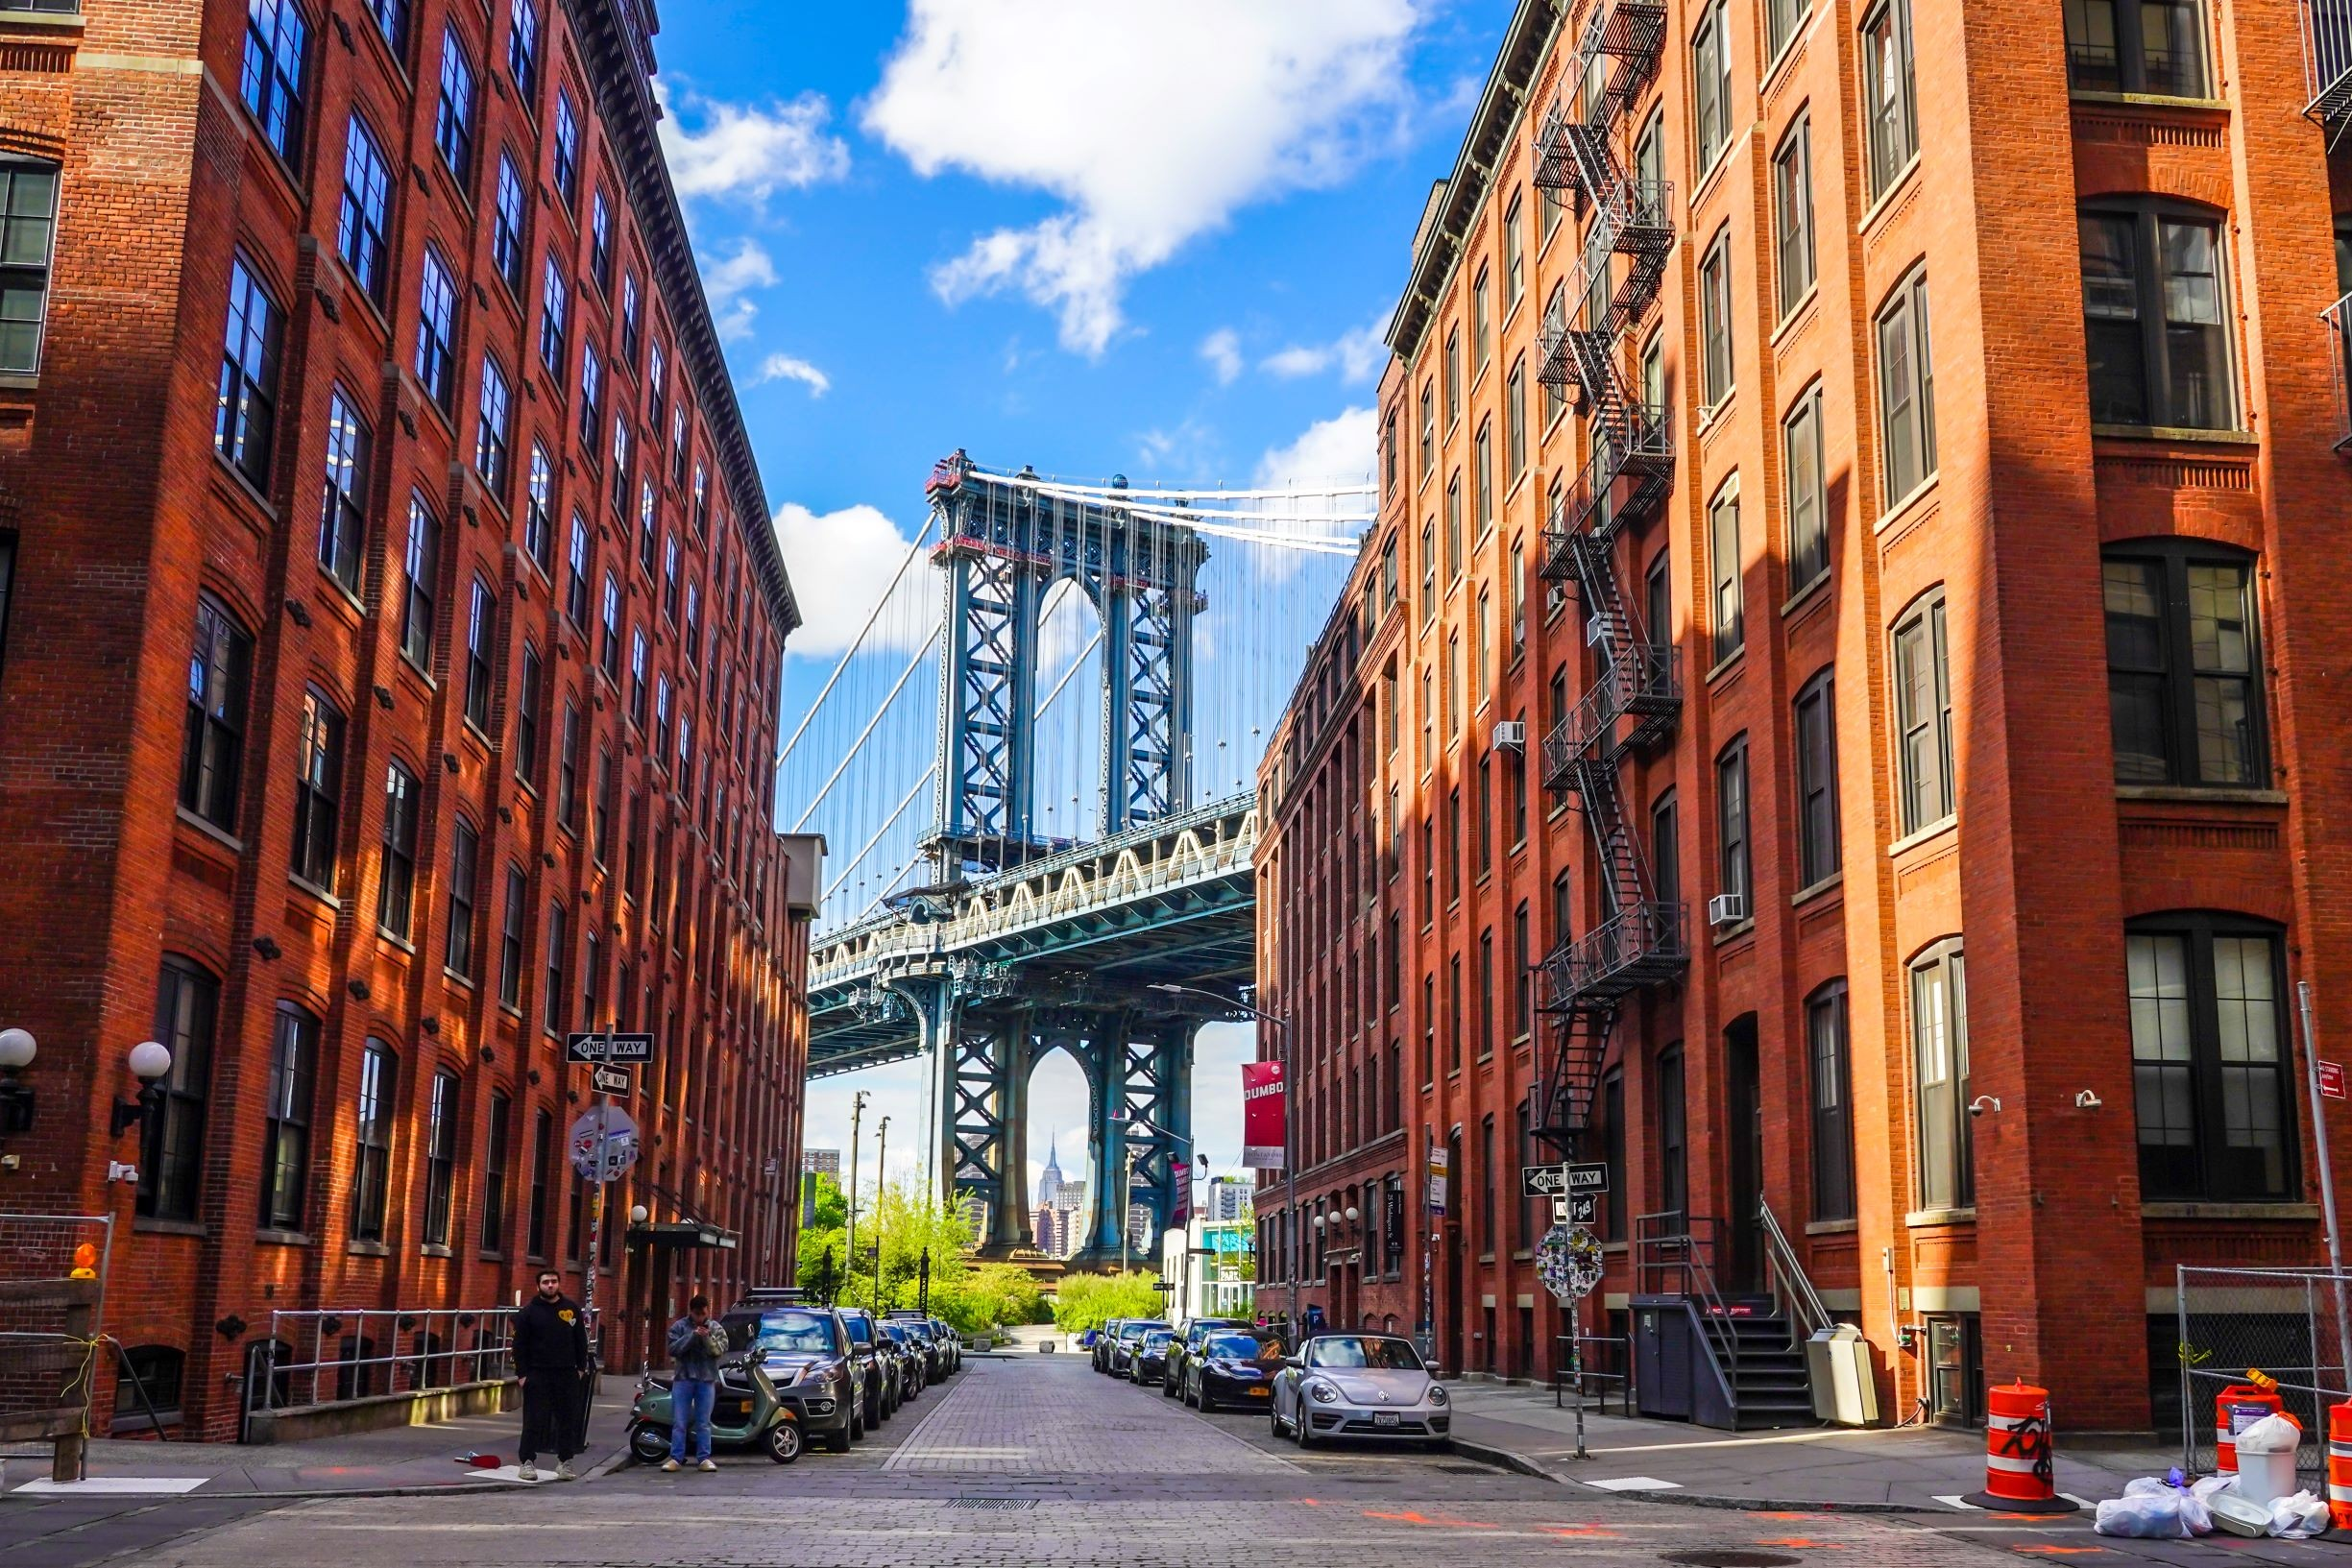 Ikoniczny Manhattan Bridge i widok na Empire State Building z Washington Street na Brooklynie, licencja: shutterstock/By Leonard Zhukovsky